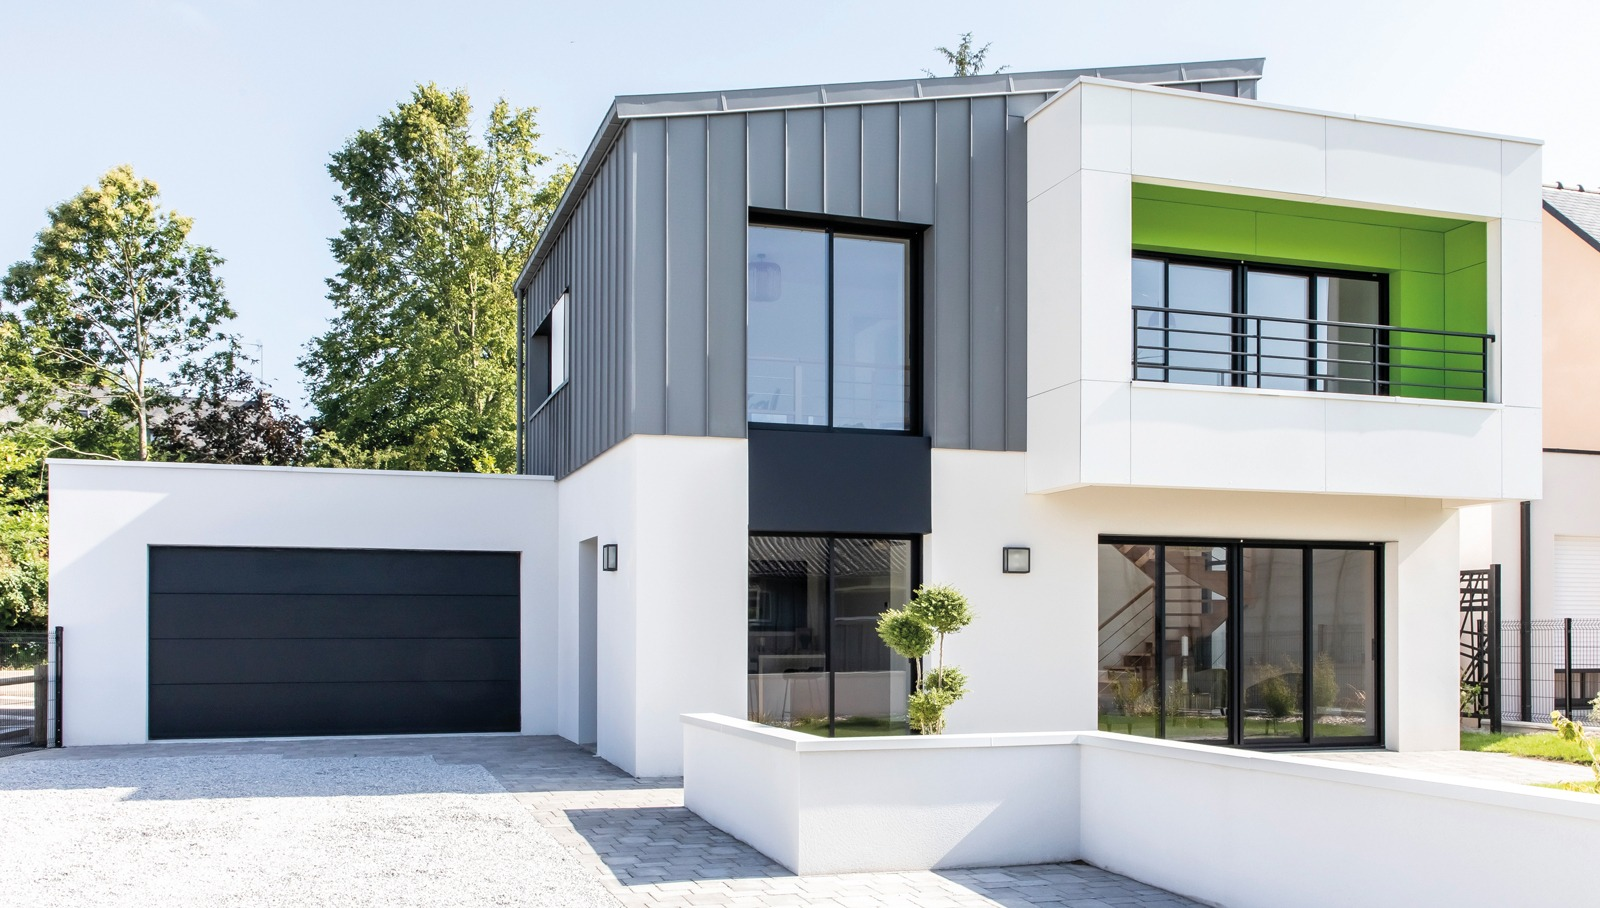 Maison design avec toiture monopente